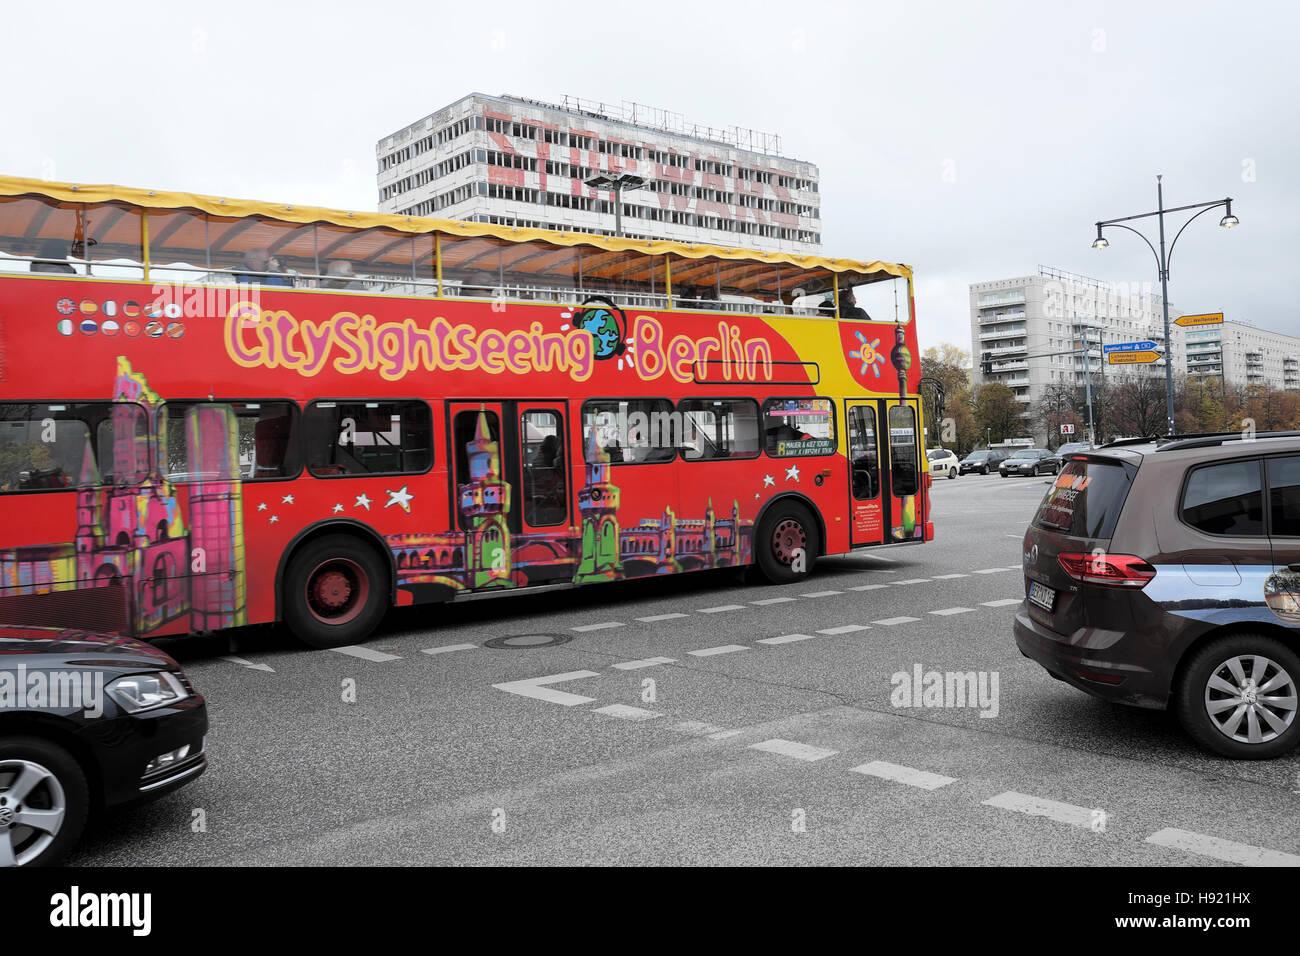 Excursión a la ciudad de rojo doubledecker bus turístico en Karl Marx Allee en Berlín Oriental KATHY Imagen De Stock